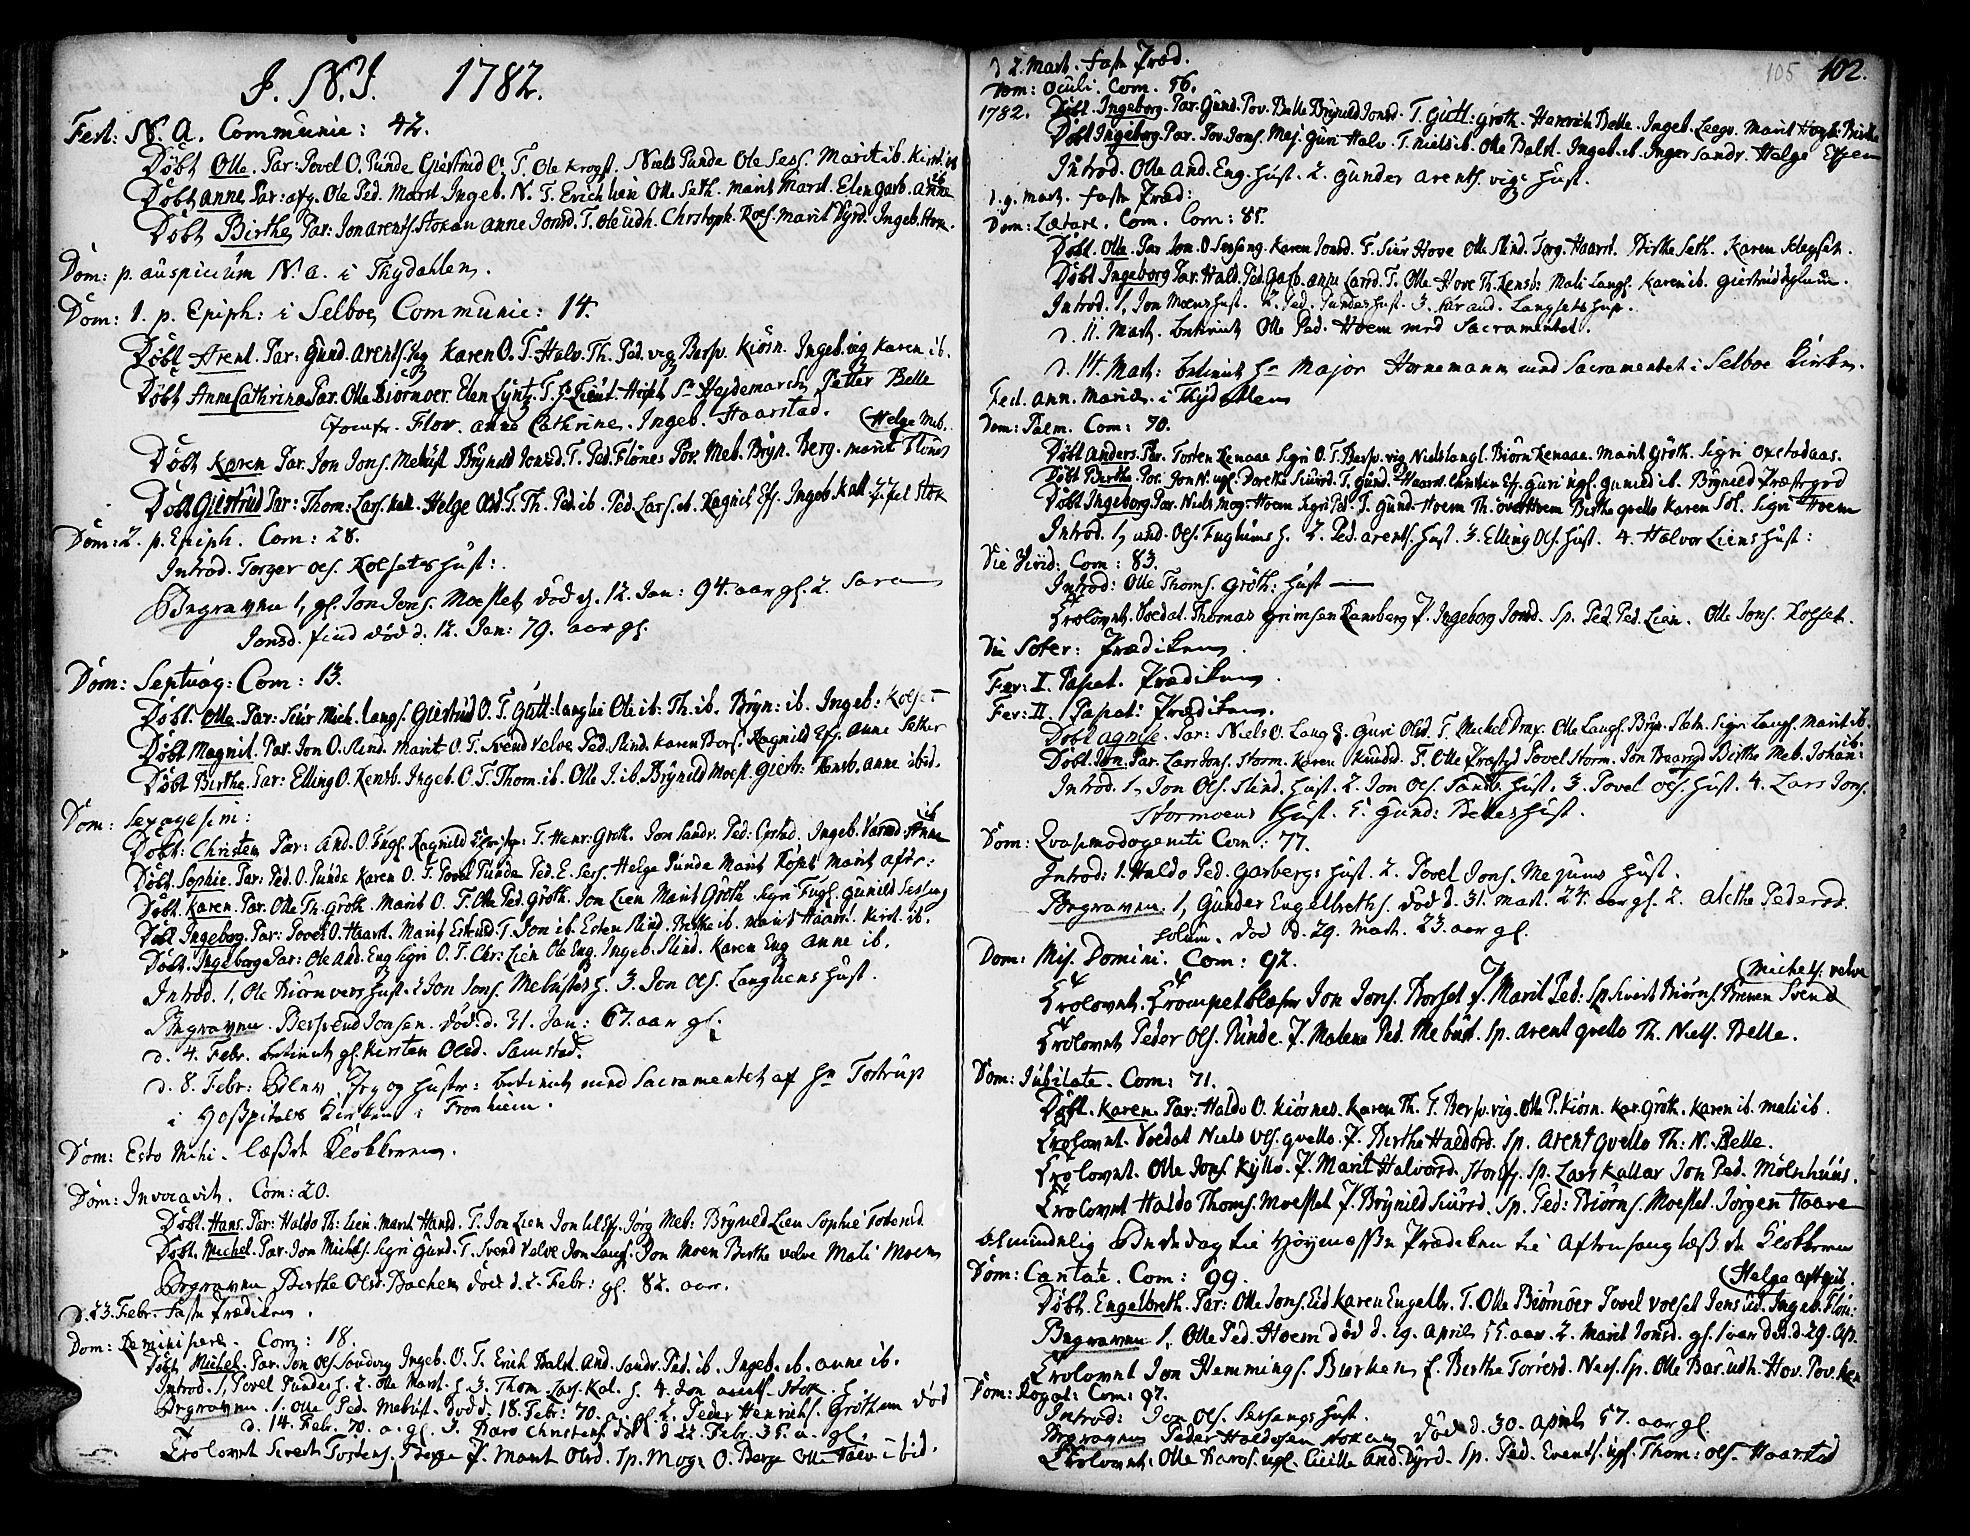 SAT, Ministerialprotokoller, klokkerbøker og fødselsregistre - Sør-Trøndelag, 695/L1138: Ministerialbok nr. 695A02 /1, 1757-1801, s. 105